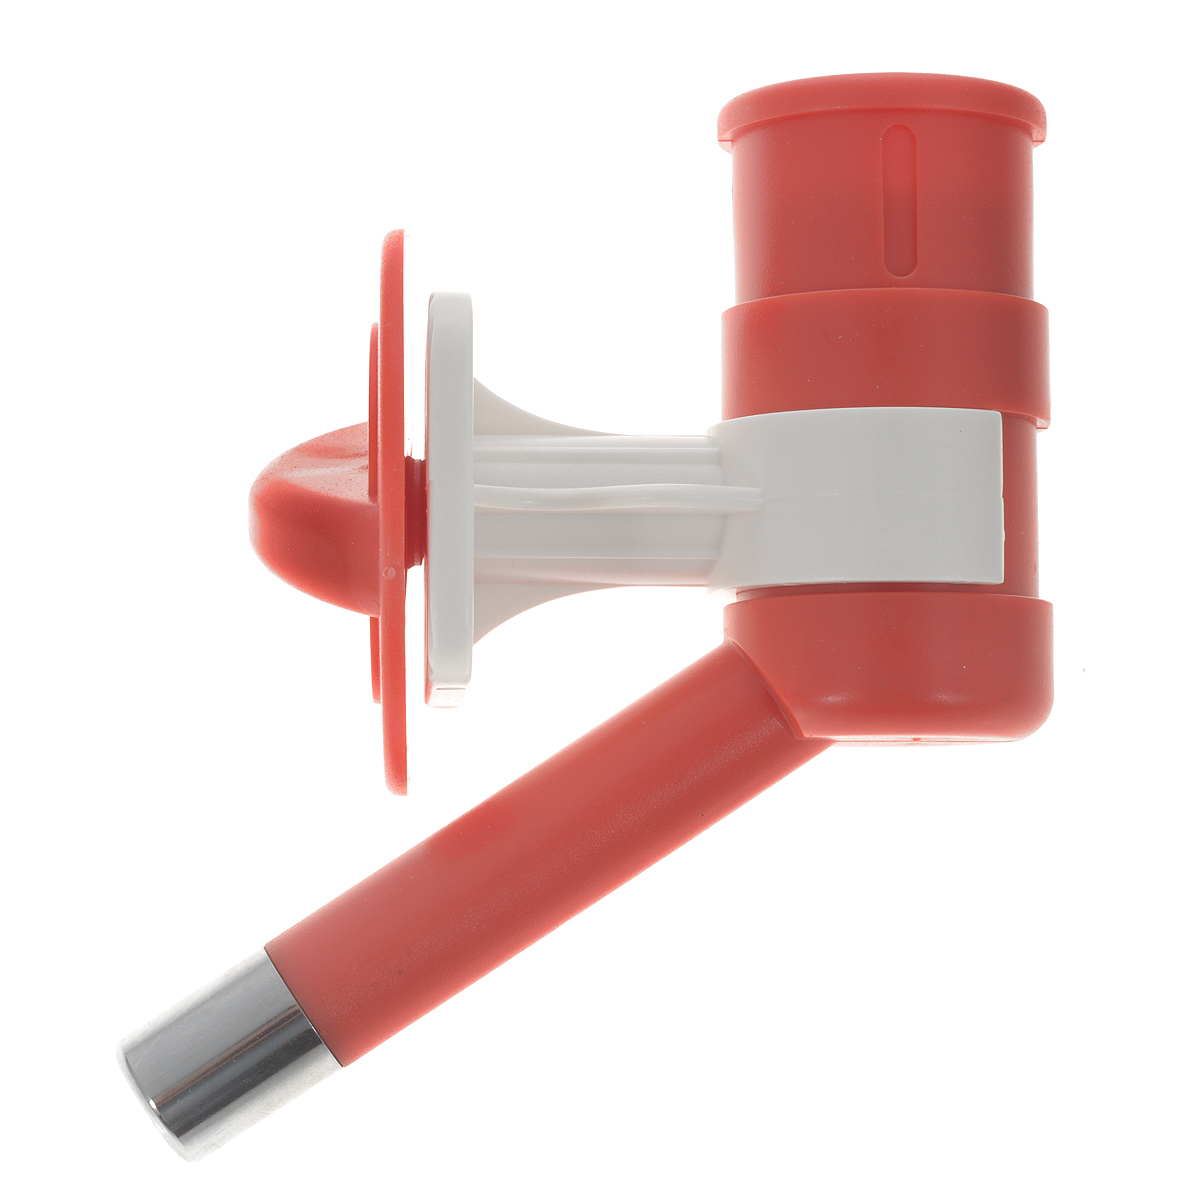 Автопоилка для животных, универсальная, цвет: красный автопоилка фонтан для животных feed ex lotus цвет голубой 1 5 л